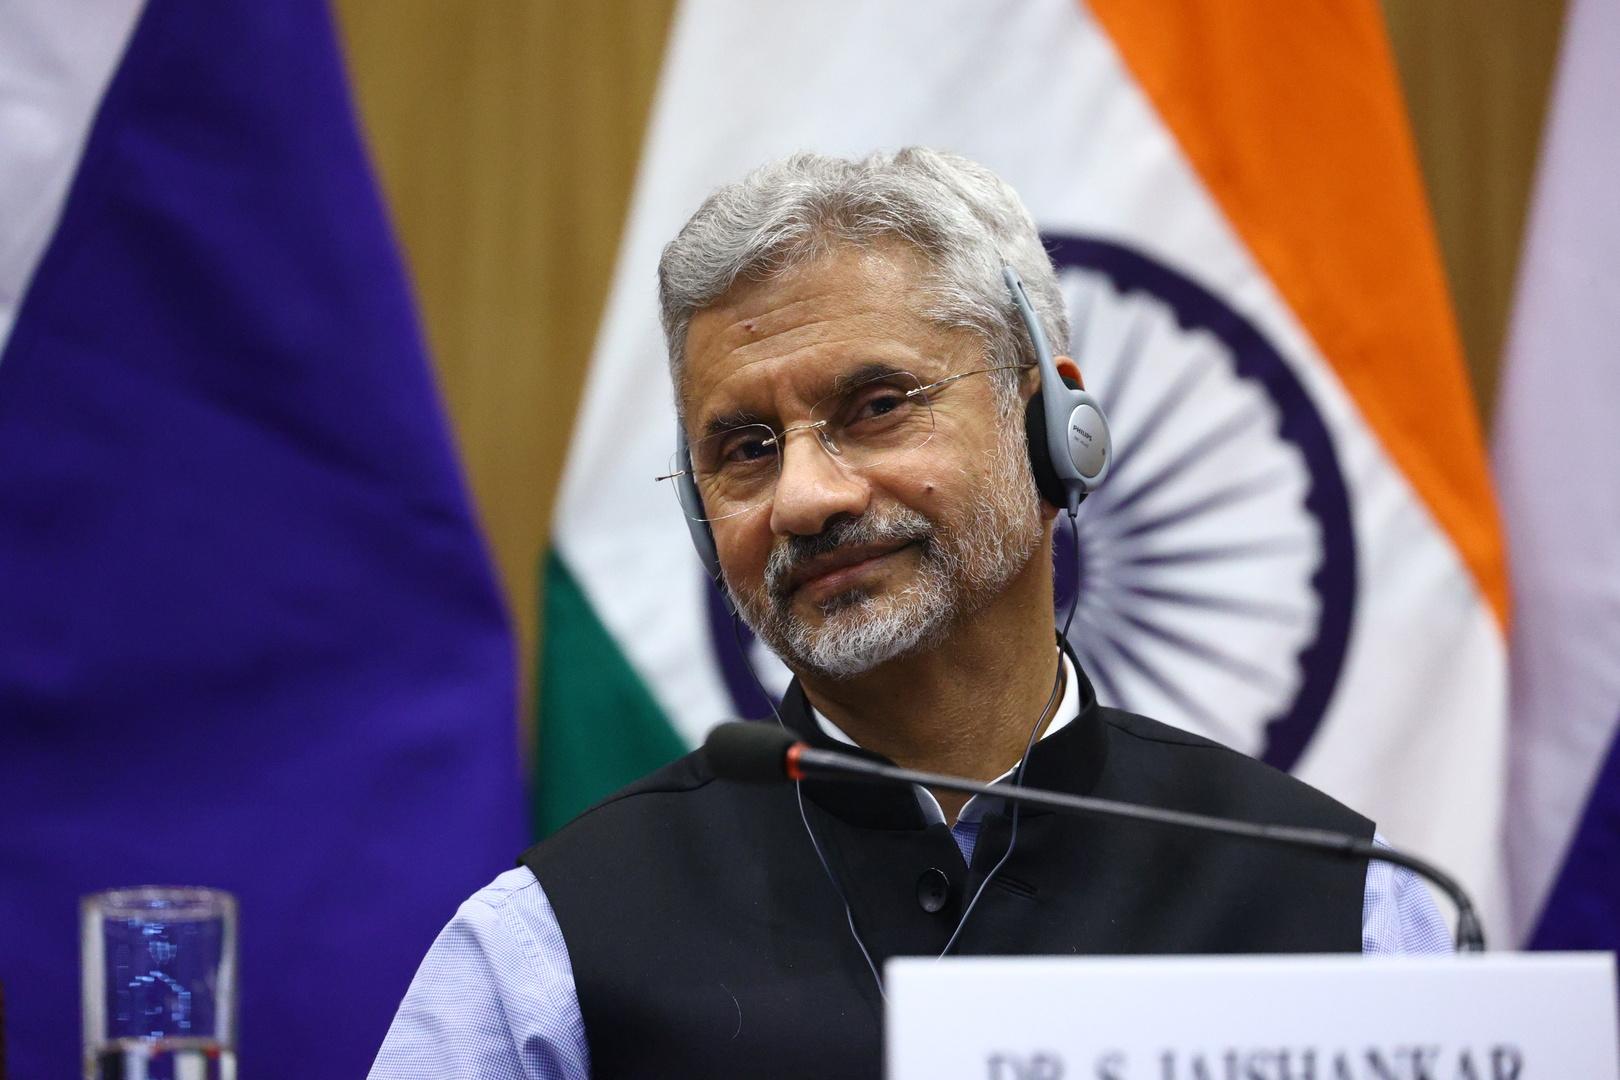 وزير خارجية الهند يلغي مشاركته حضوريا في اجتماع G7 في لندن بعد إصابة مرافقين له بكورونا